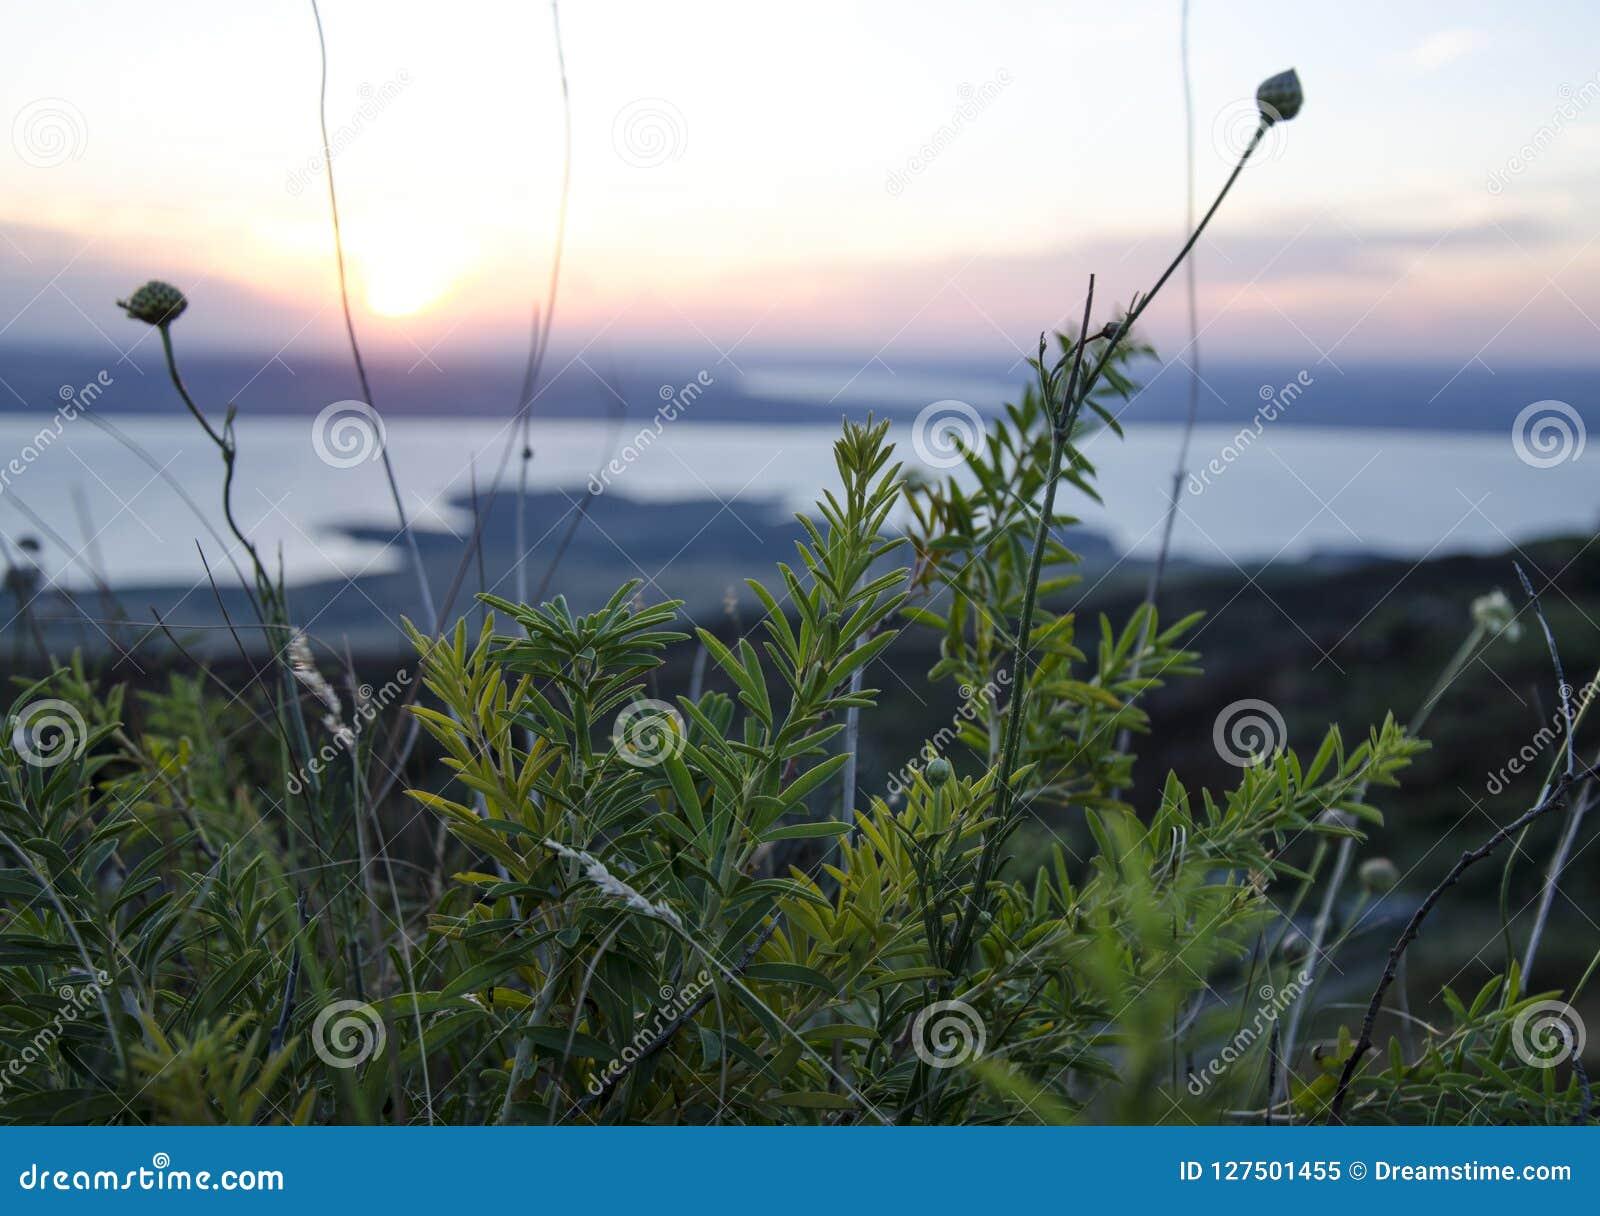 Rússia Por do sol do verão na natureza Por do sol fantástico sobre um lago perto de um prado verde